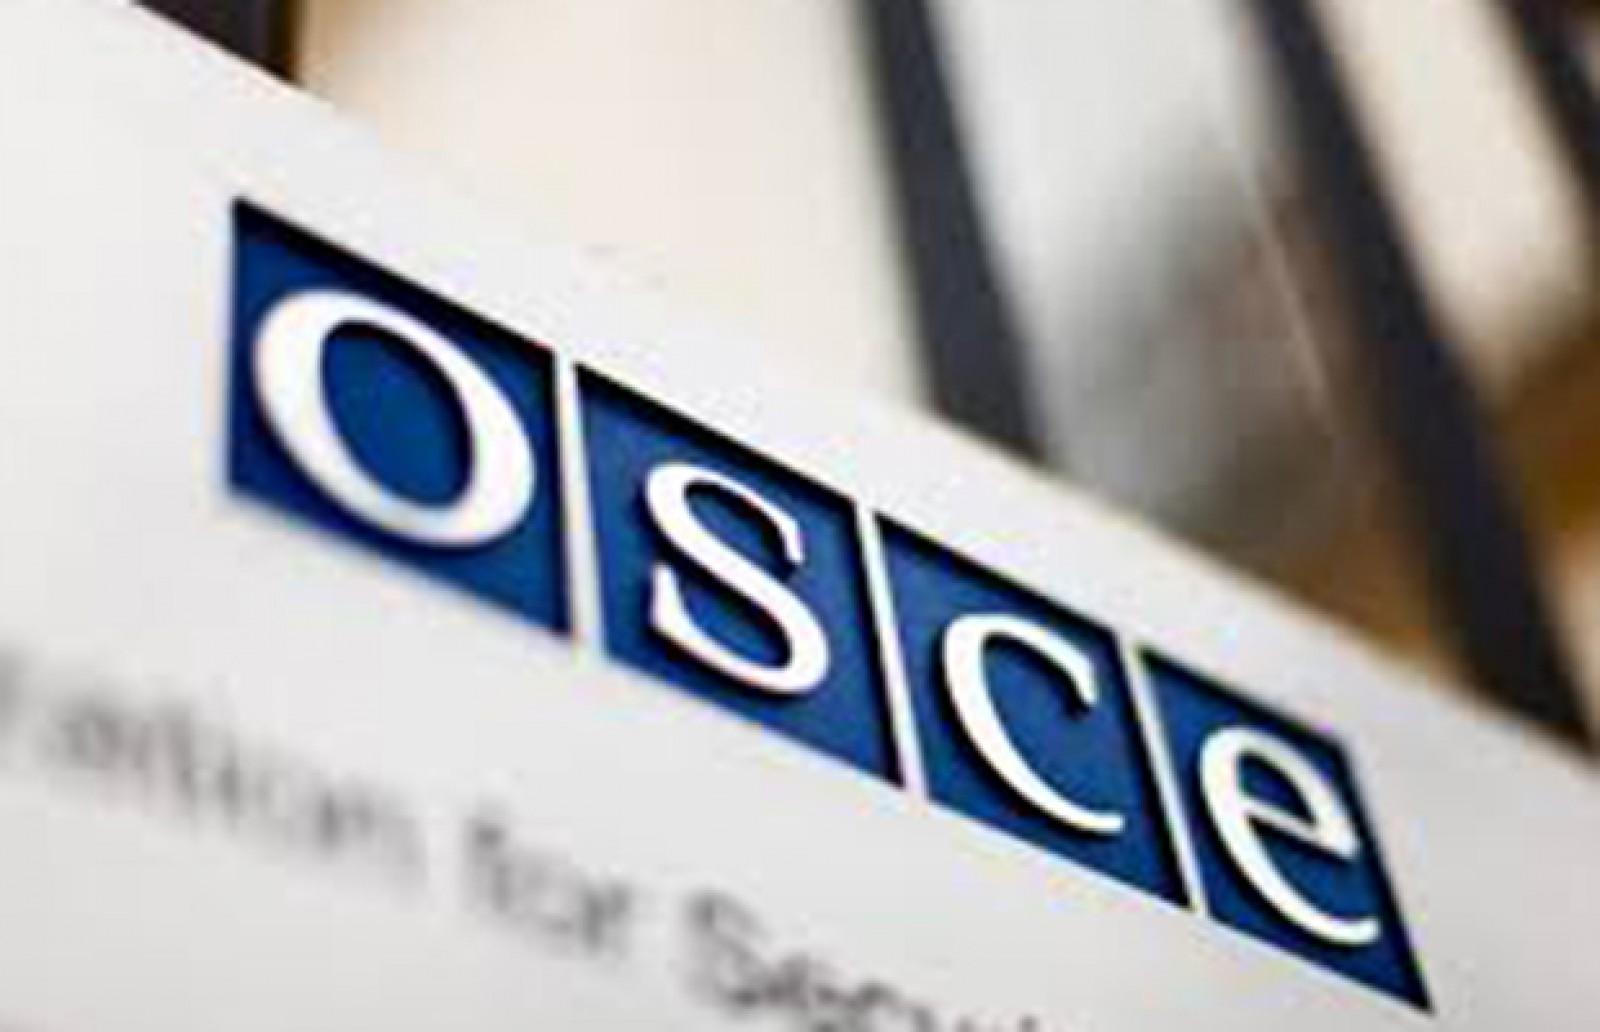 Β-Ε: Ο ΟΑΣΕ καταδίκασε επίθεση εναντίον δημοσιογράφου στη Ζένικα